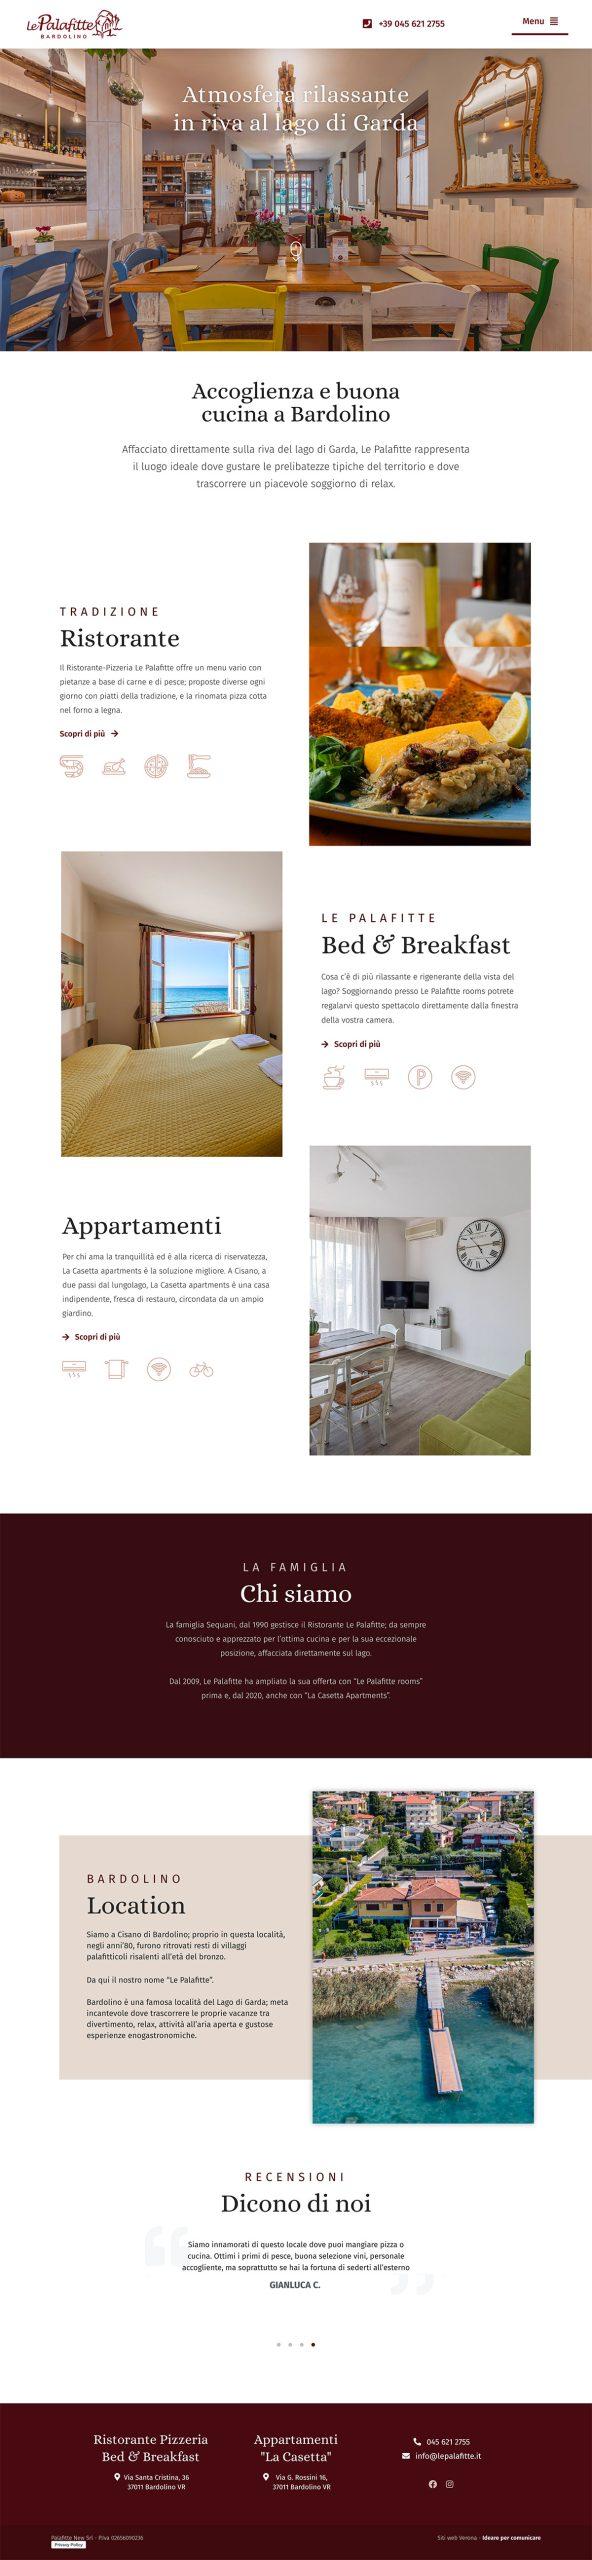 sitoweb-lepalafitte